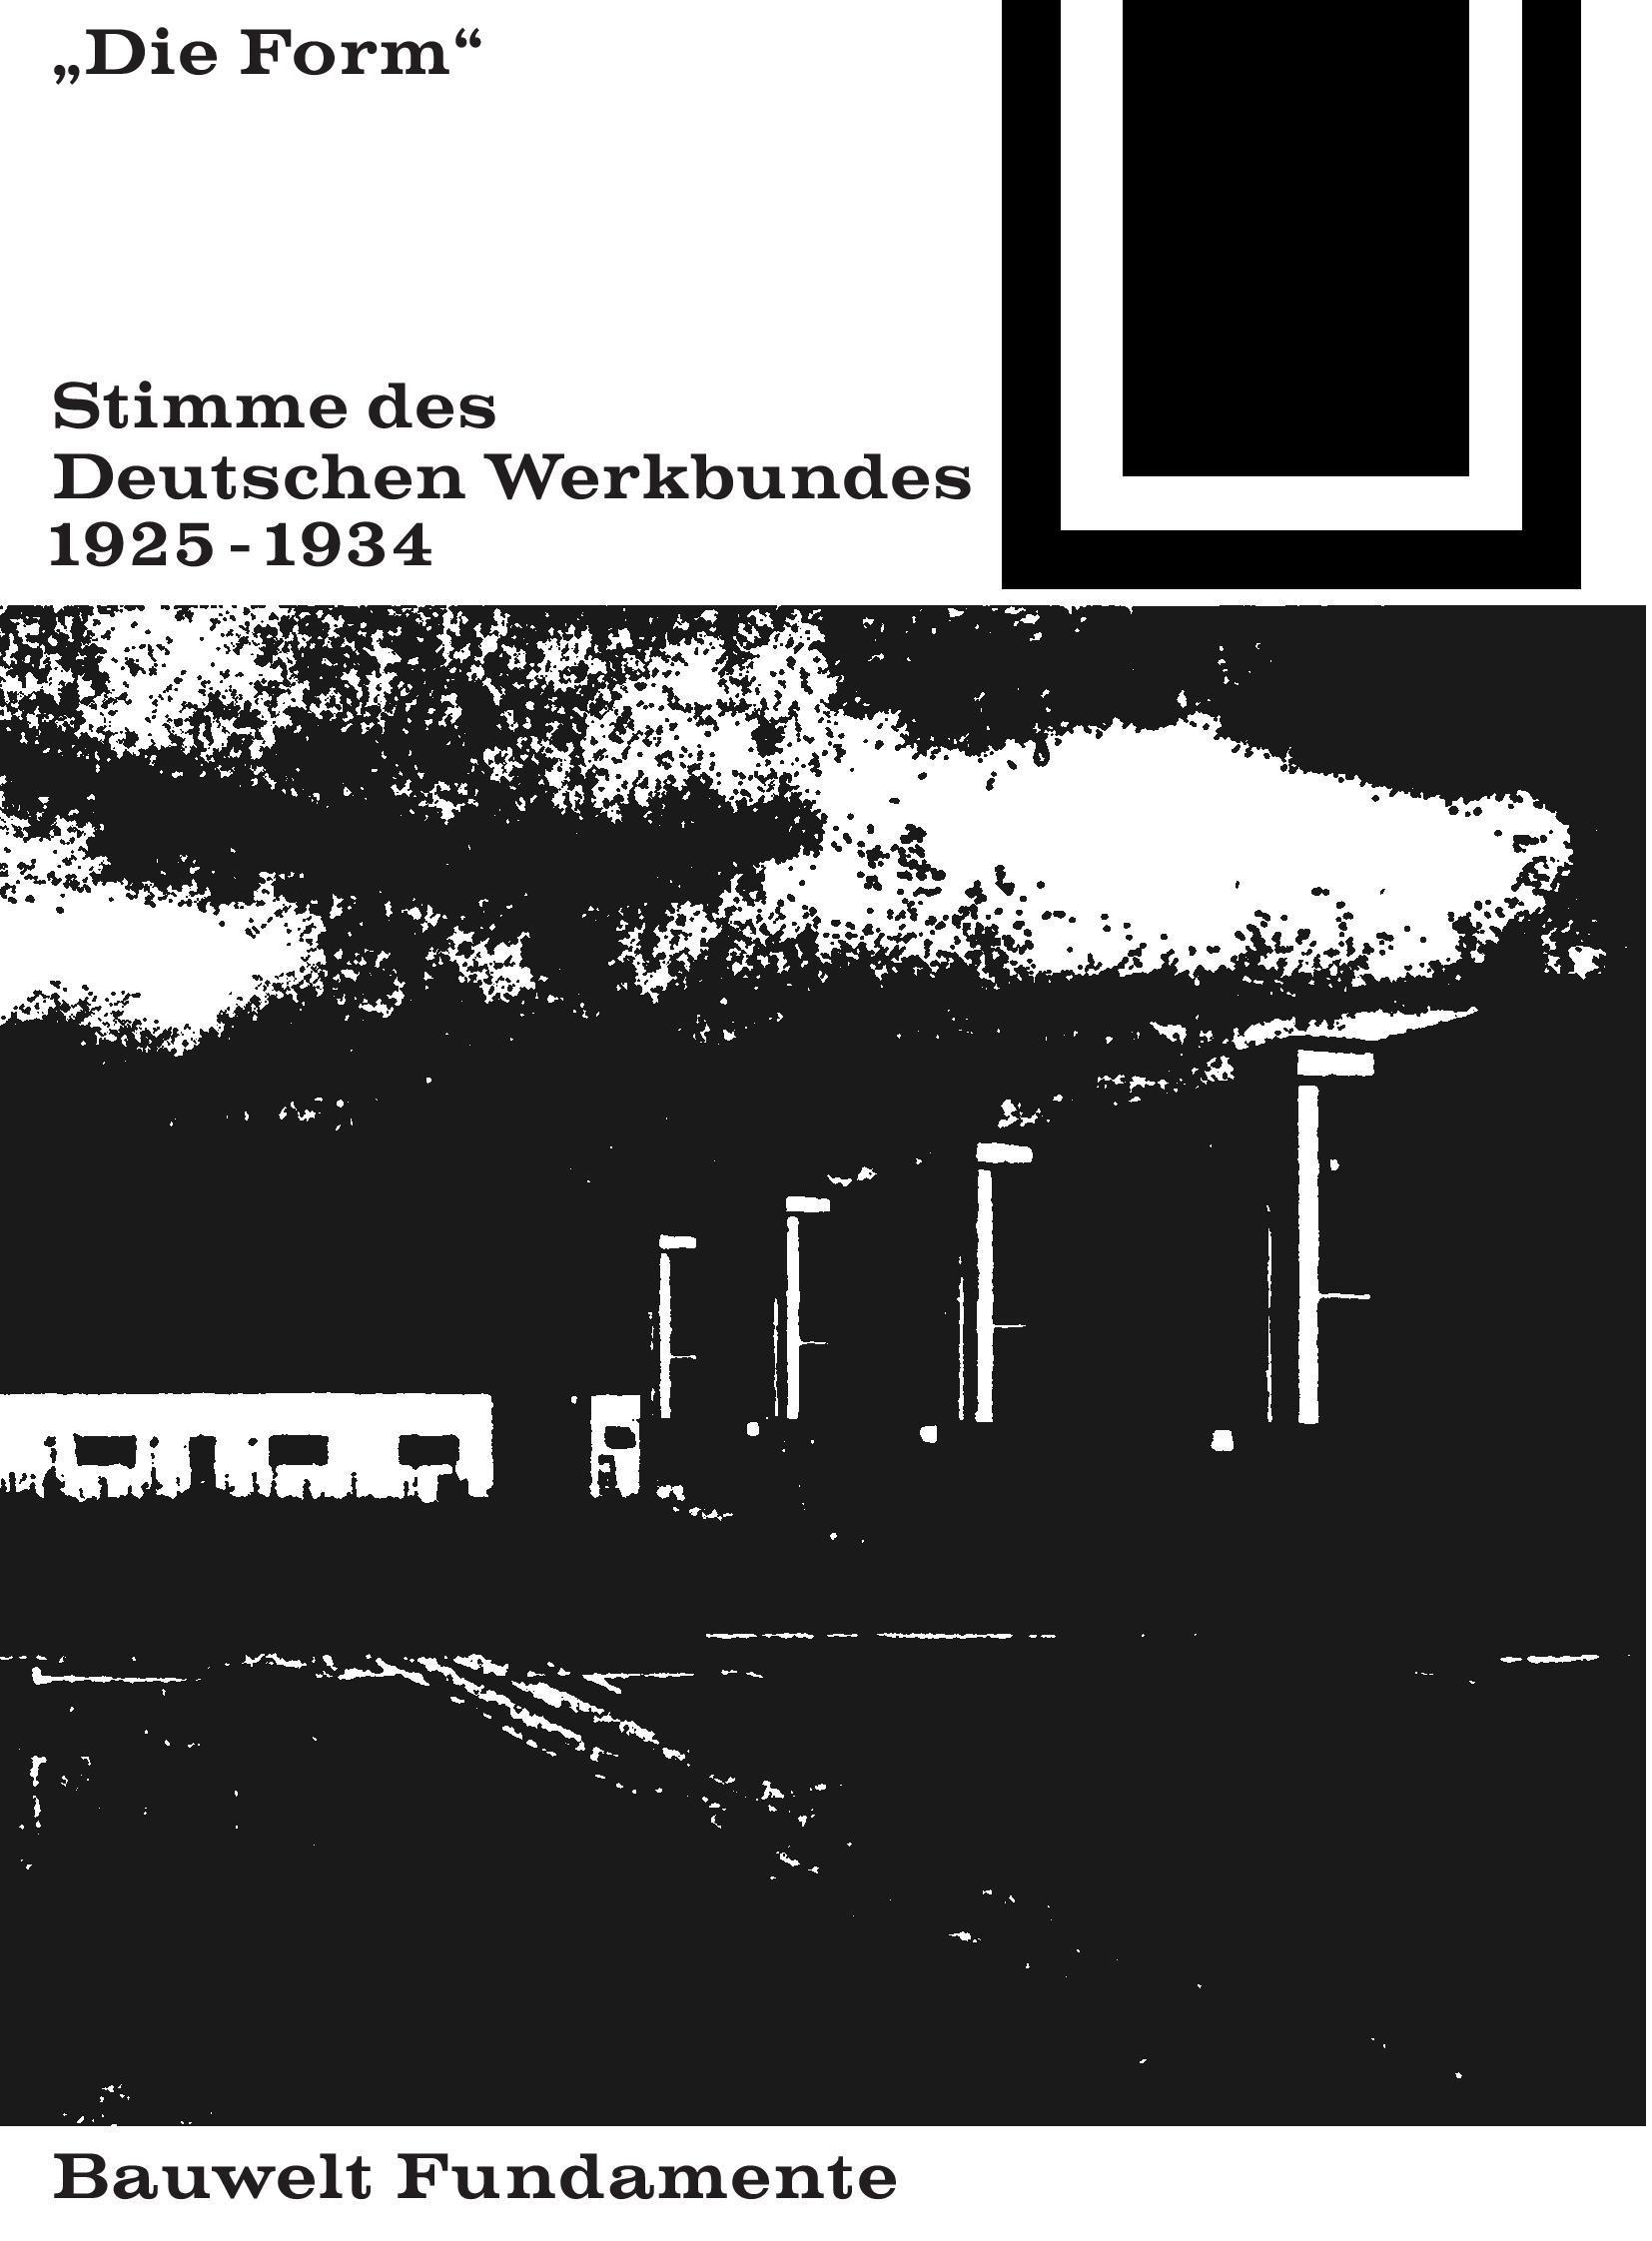 Die Form - Stimme des Deutschen Werkbundes 1925-1934  Bauwelt Fundamente